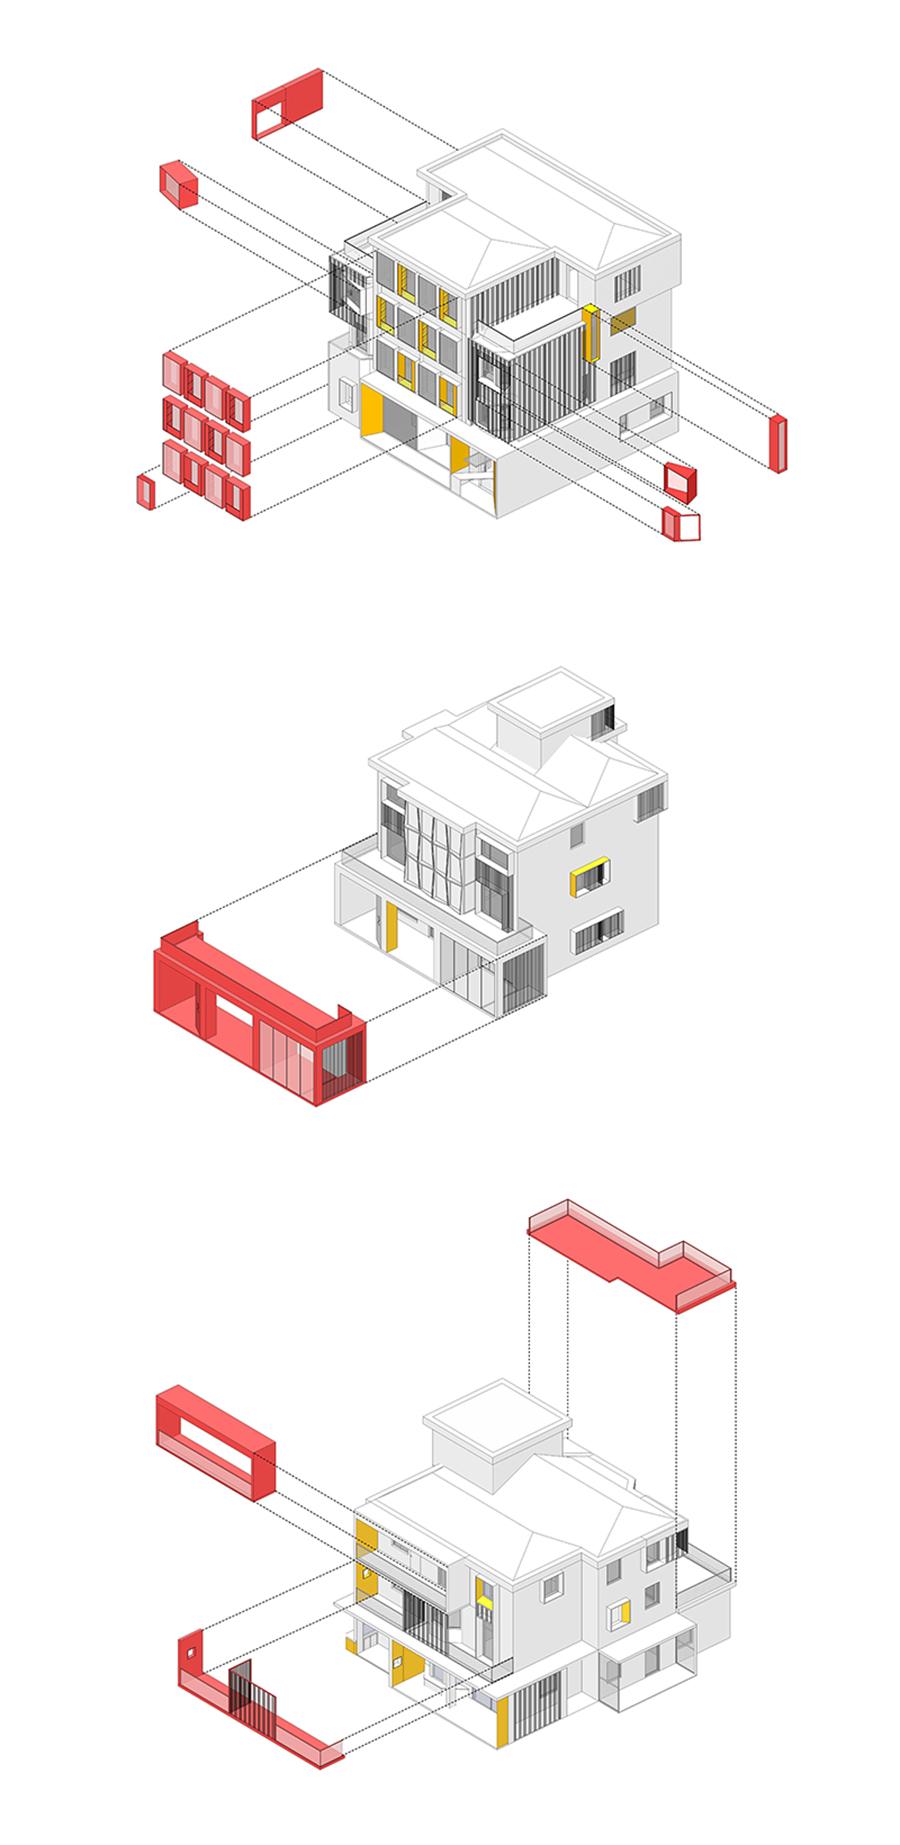 浙江海宁虹越园艺社区农村自建房  改造设计  /  森上设计